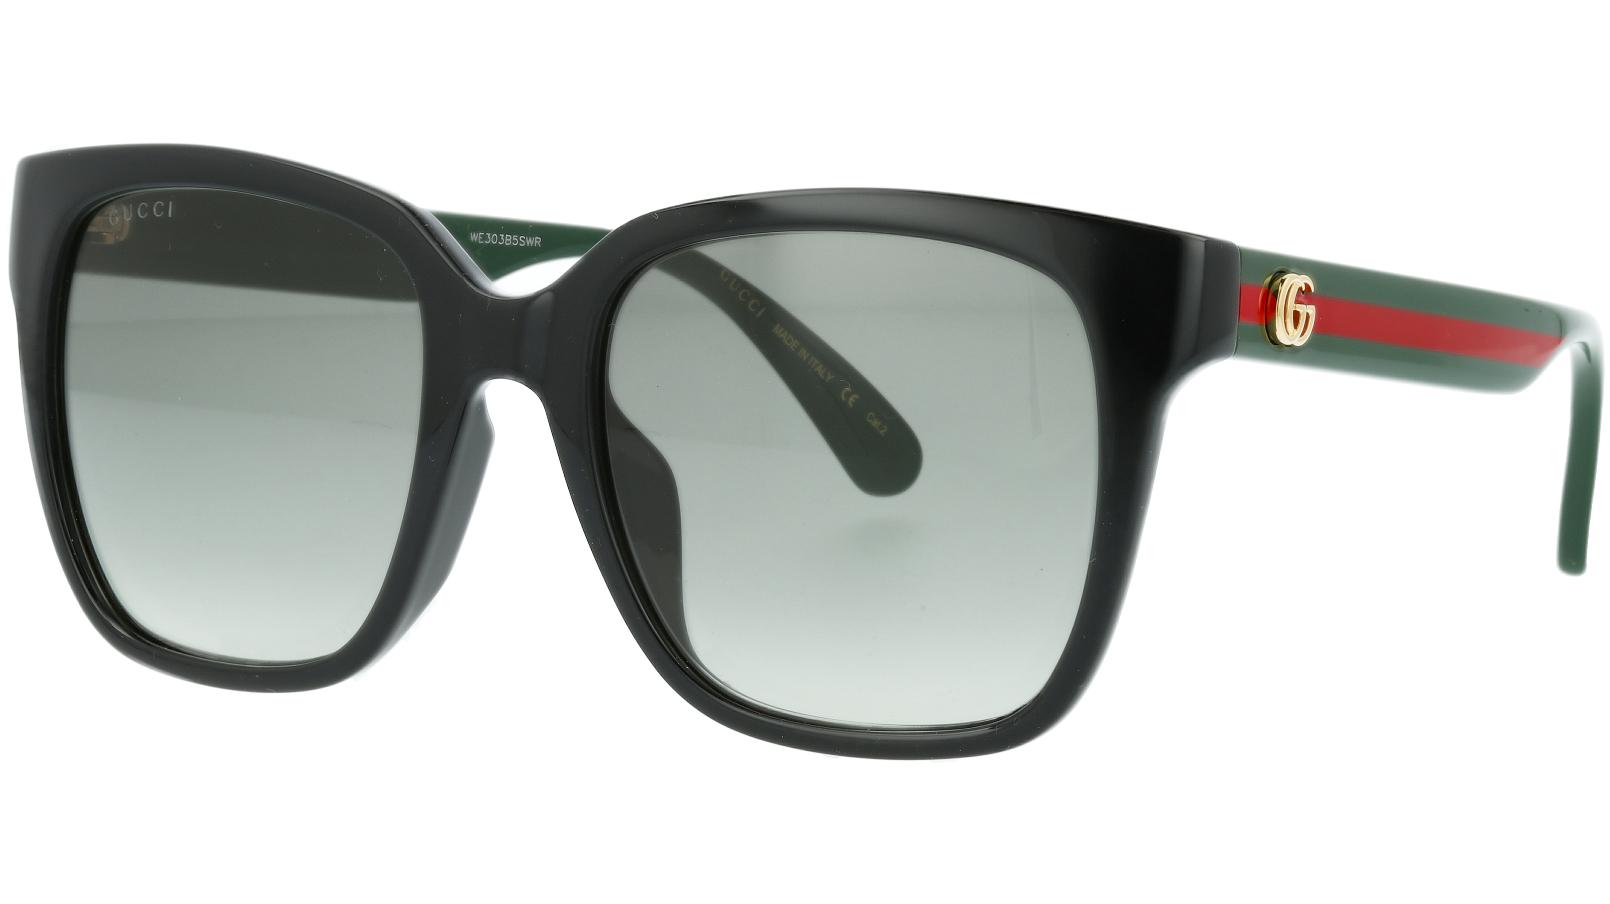 Gucci GG0715SA 001 53 Black Sunglasses